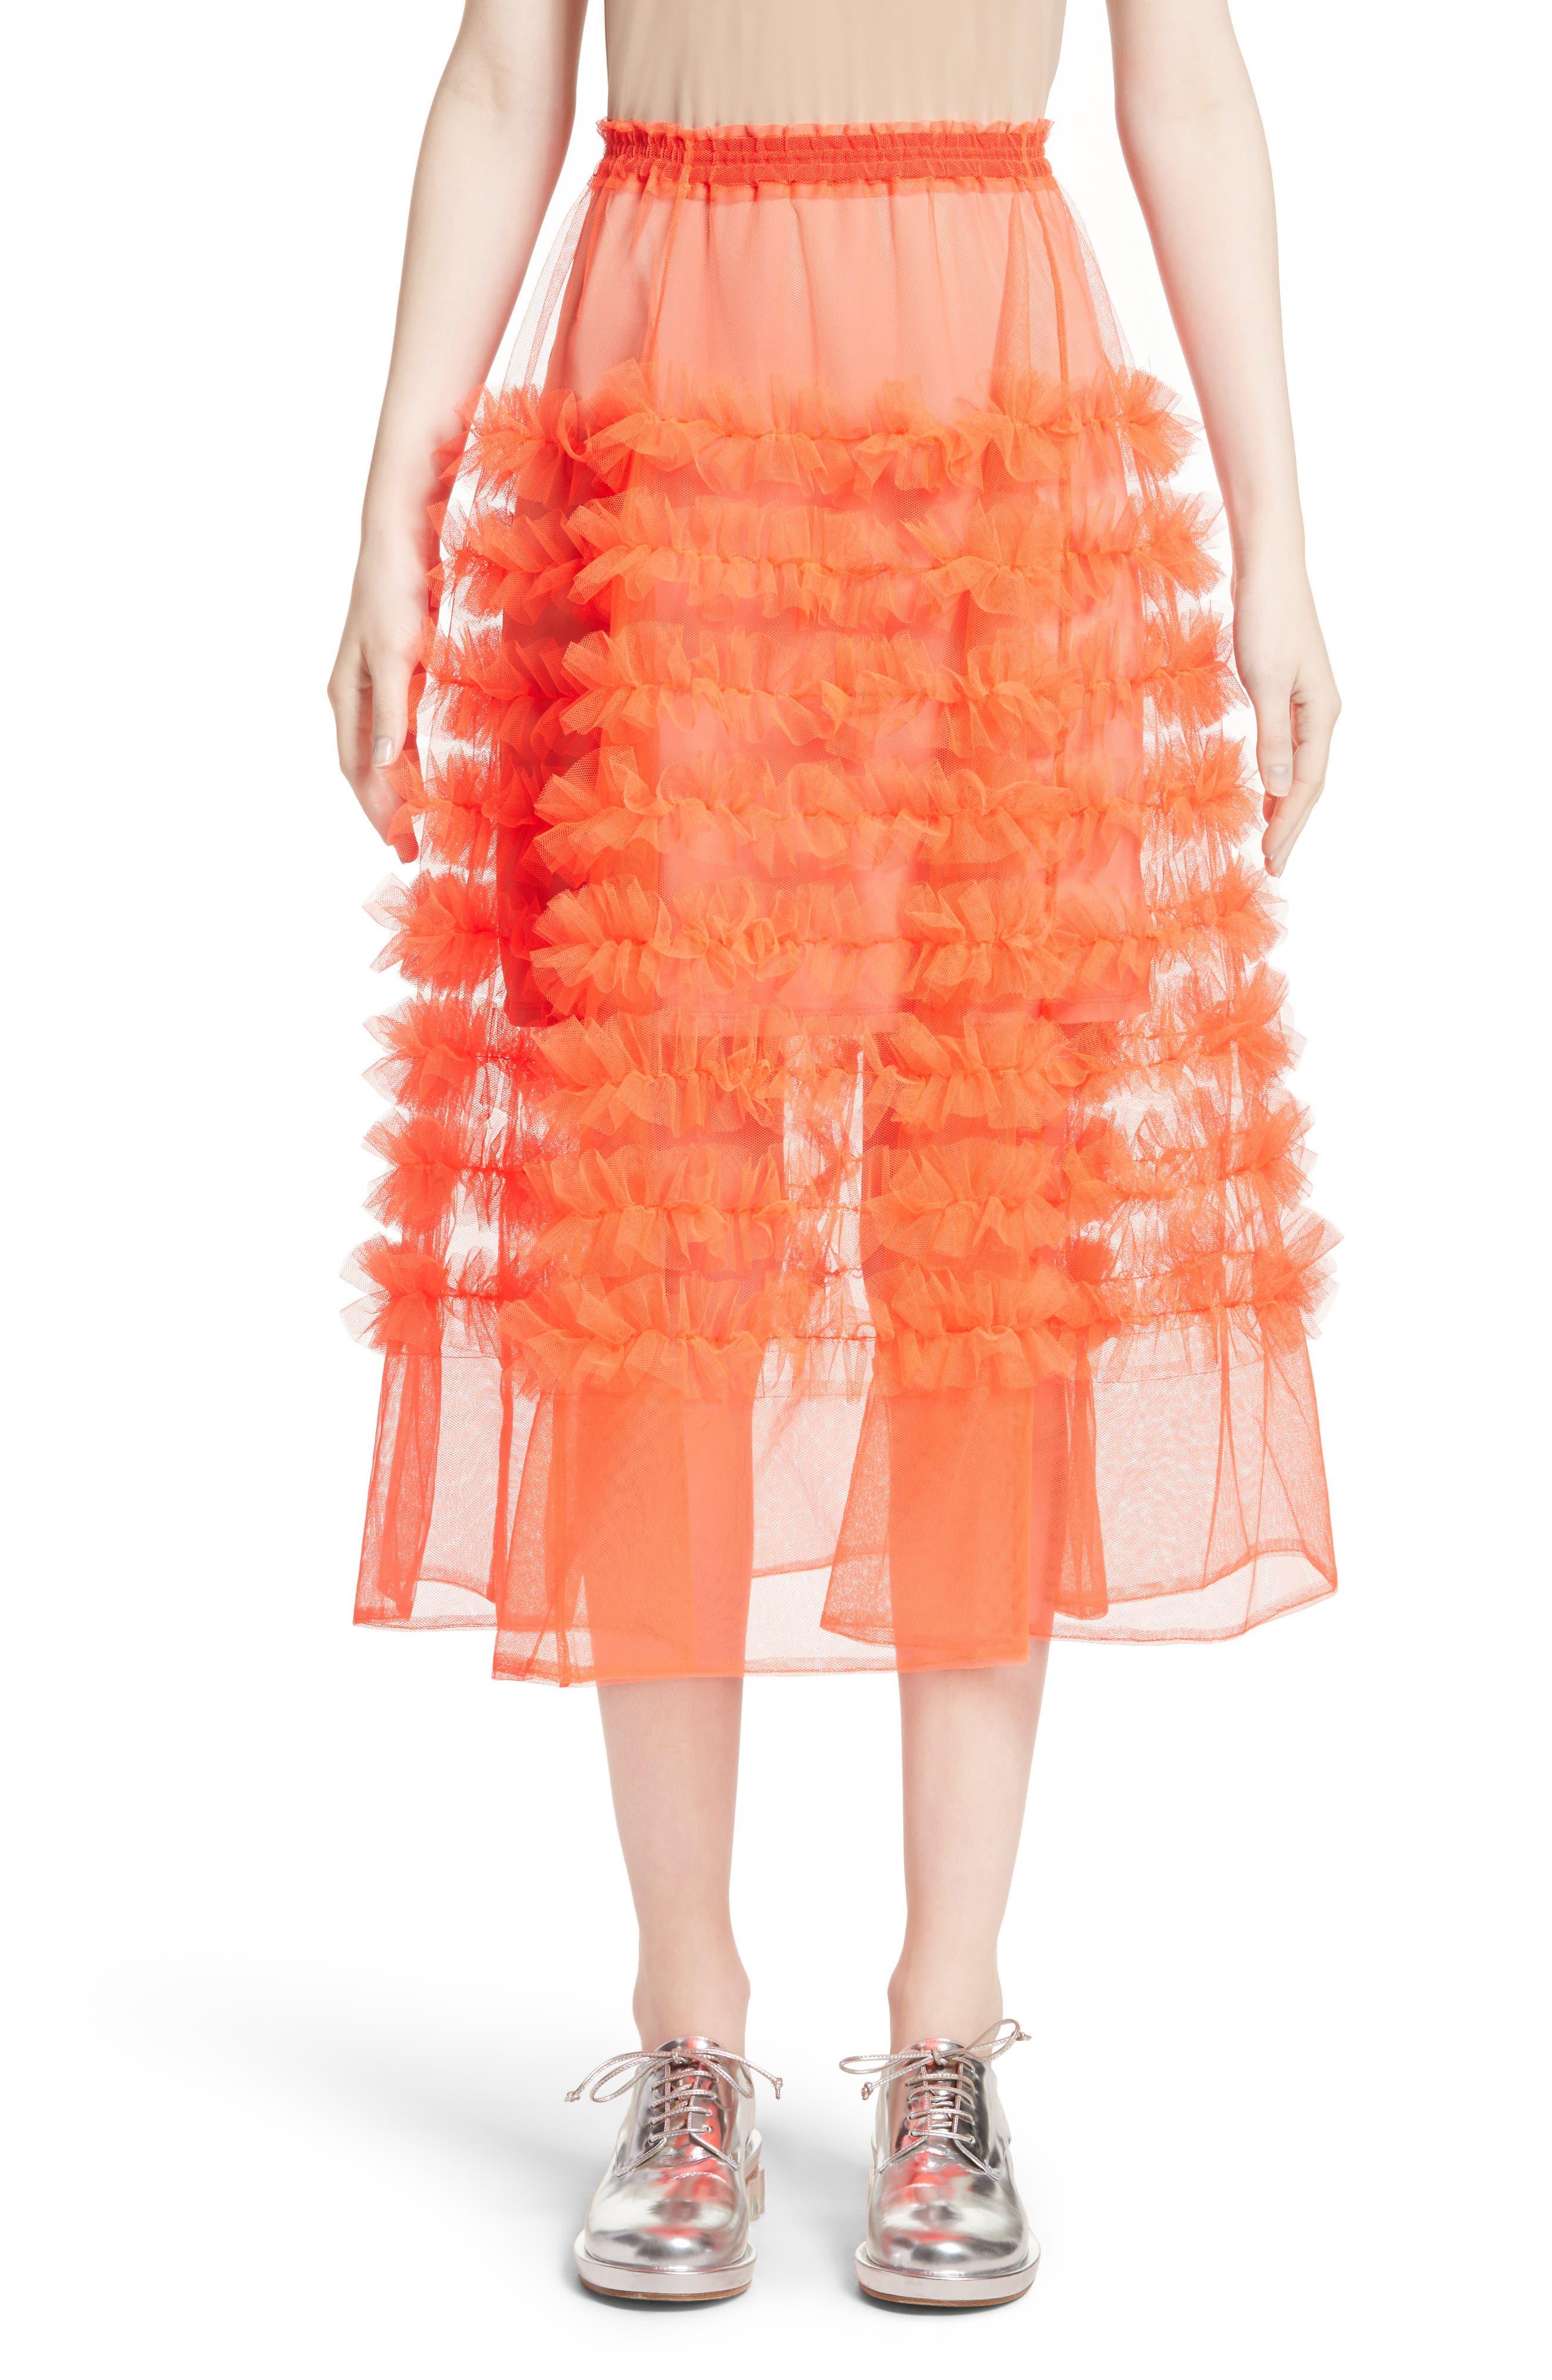 Molly Goddard Melanie Tulle Skirt